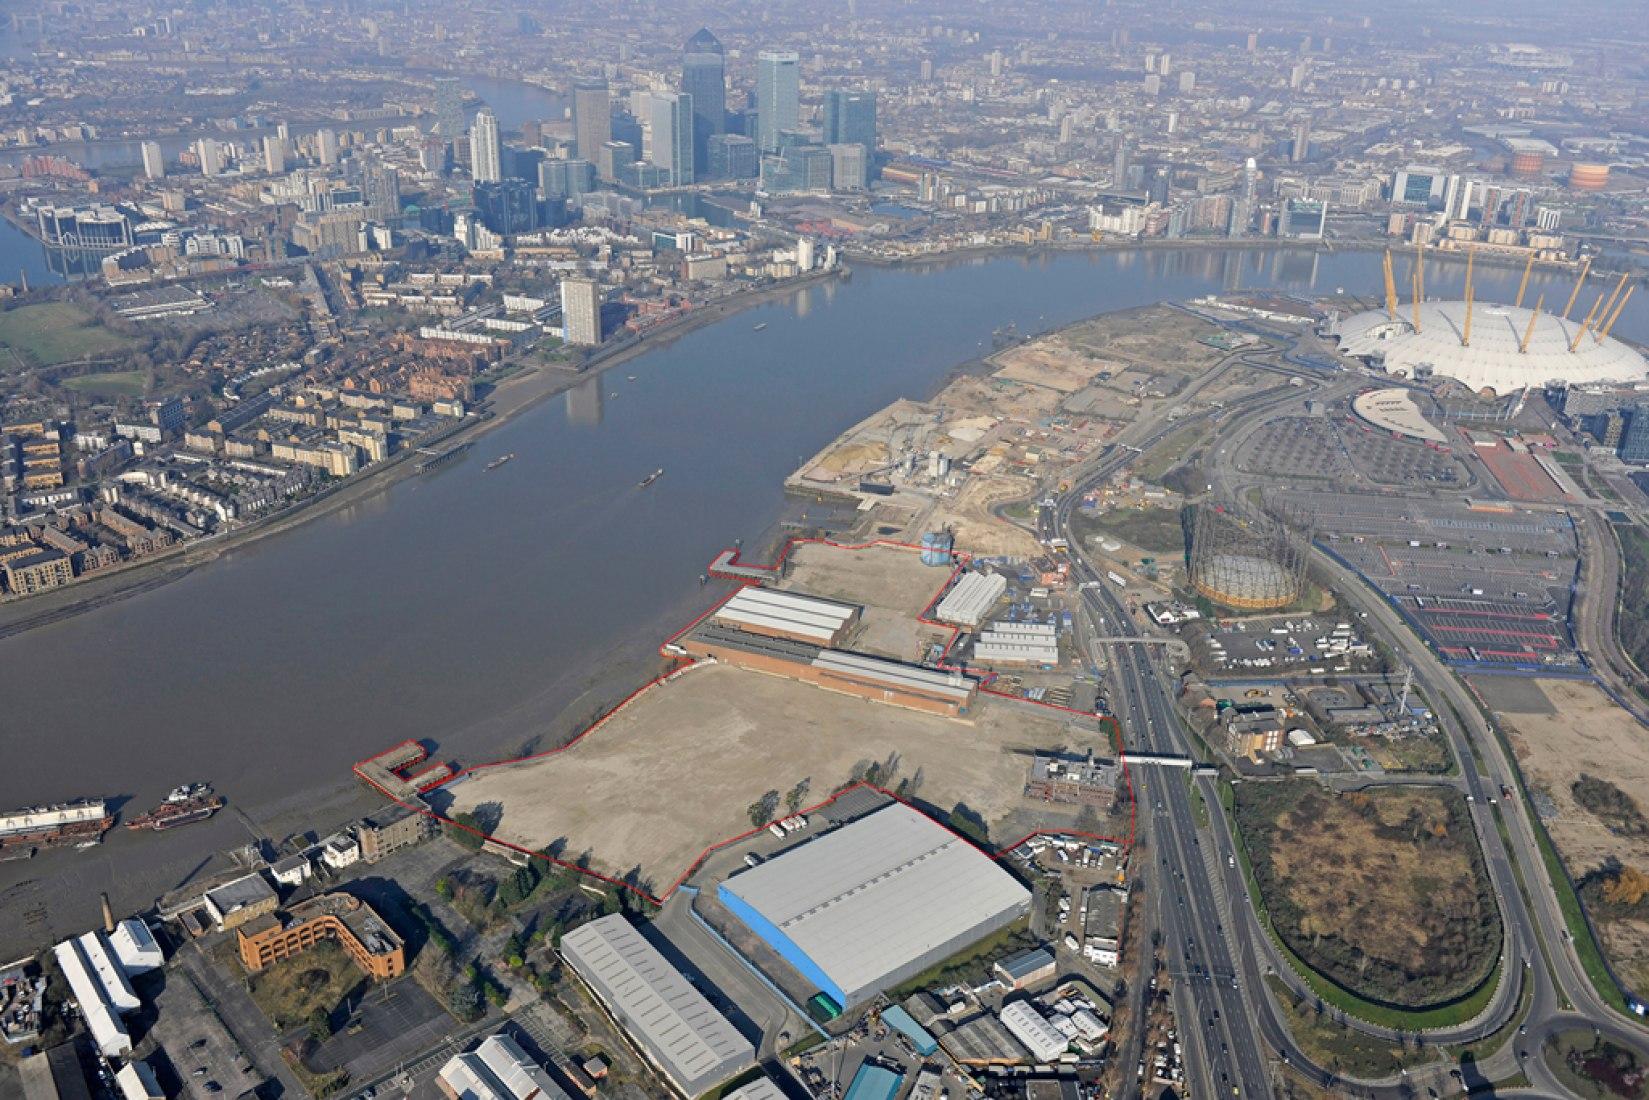 Vista general, Morden Wharf. Imagen © cortesía de Cathedral Group.